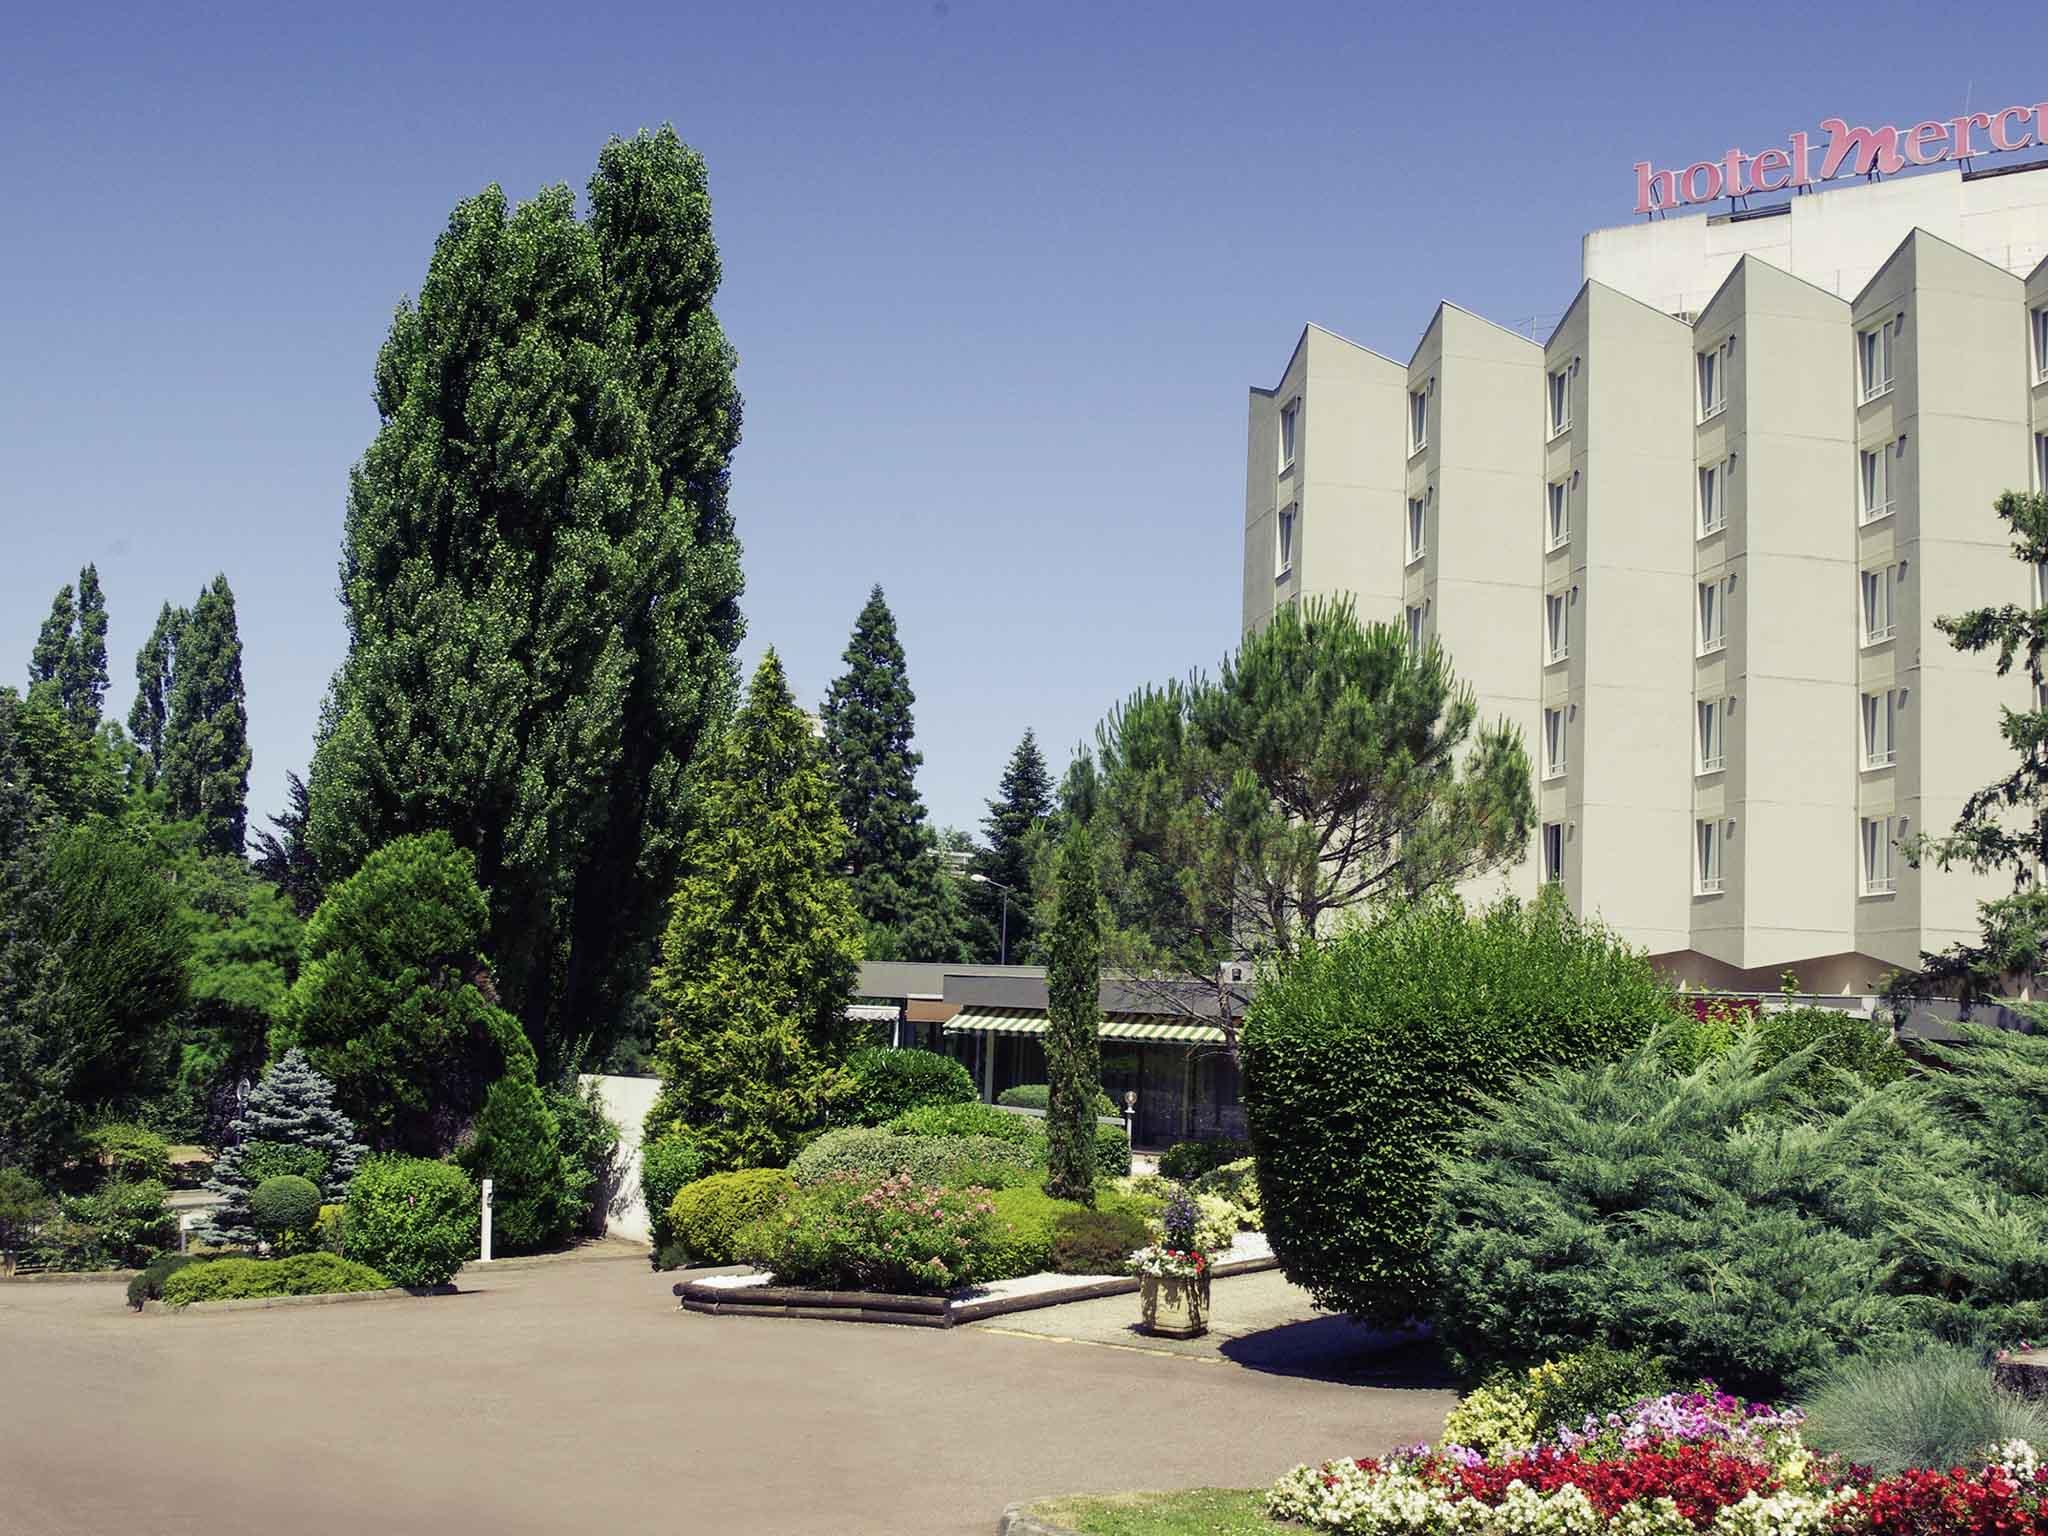 酒店 – 圣艾蒂安欧洲公园美居酒店